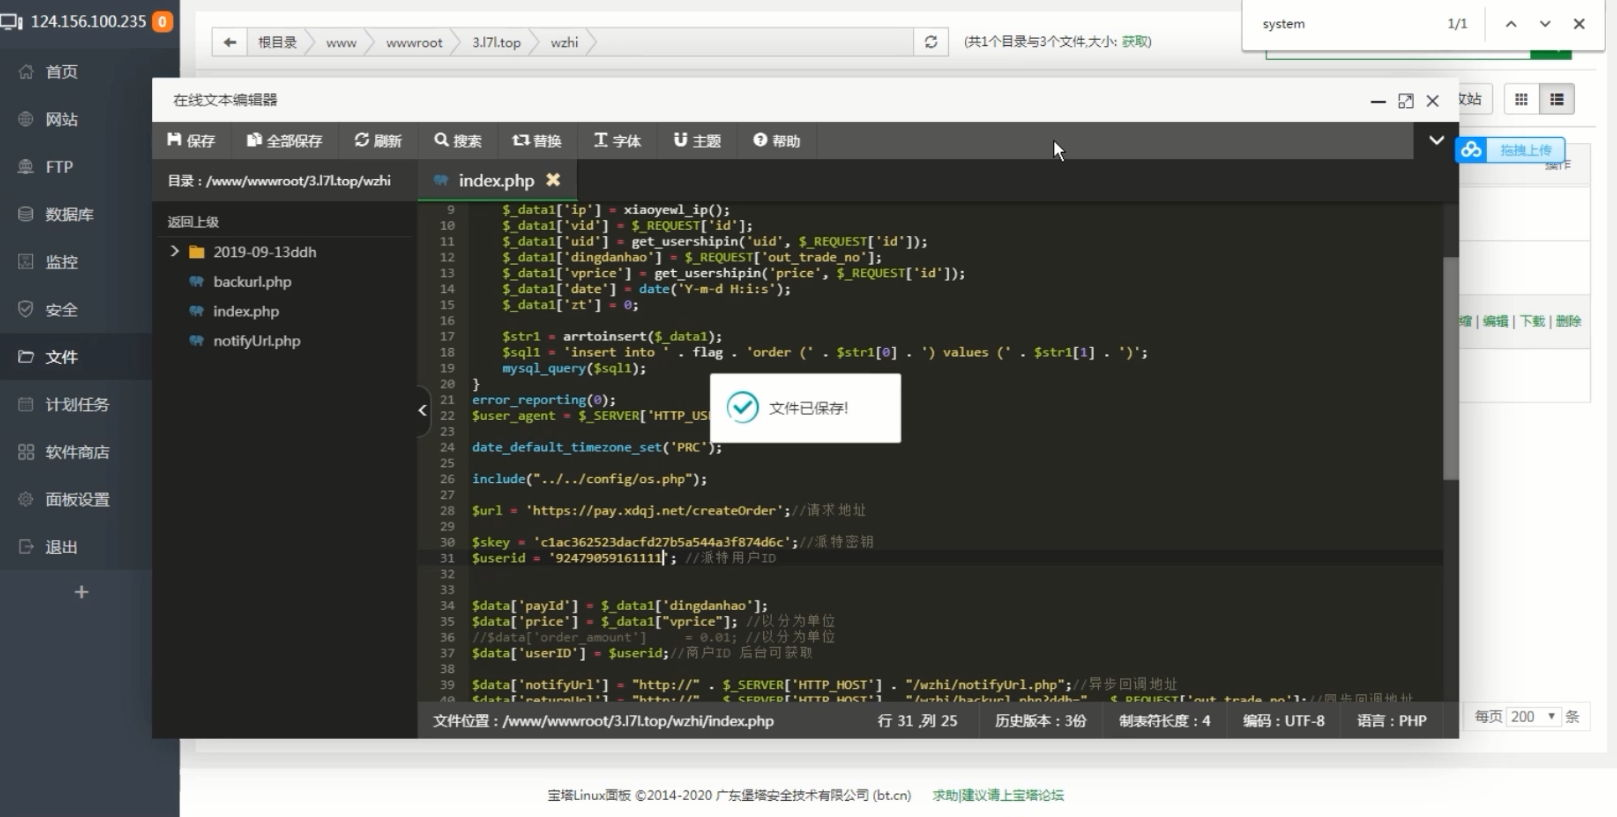 【搭建视频】同城定位付费进群网站系统源码完整版搭建视频-爱资源分享